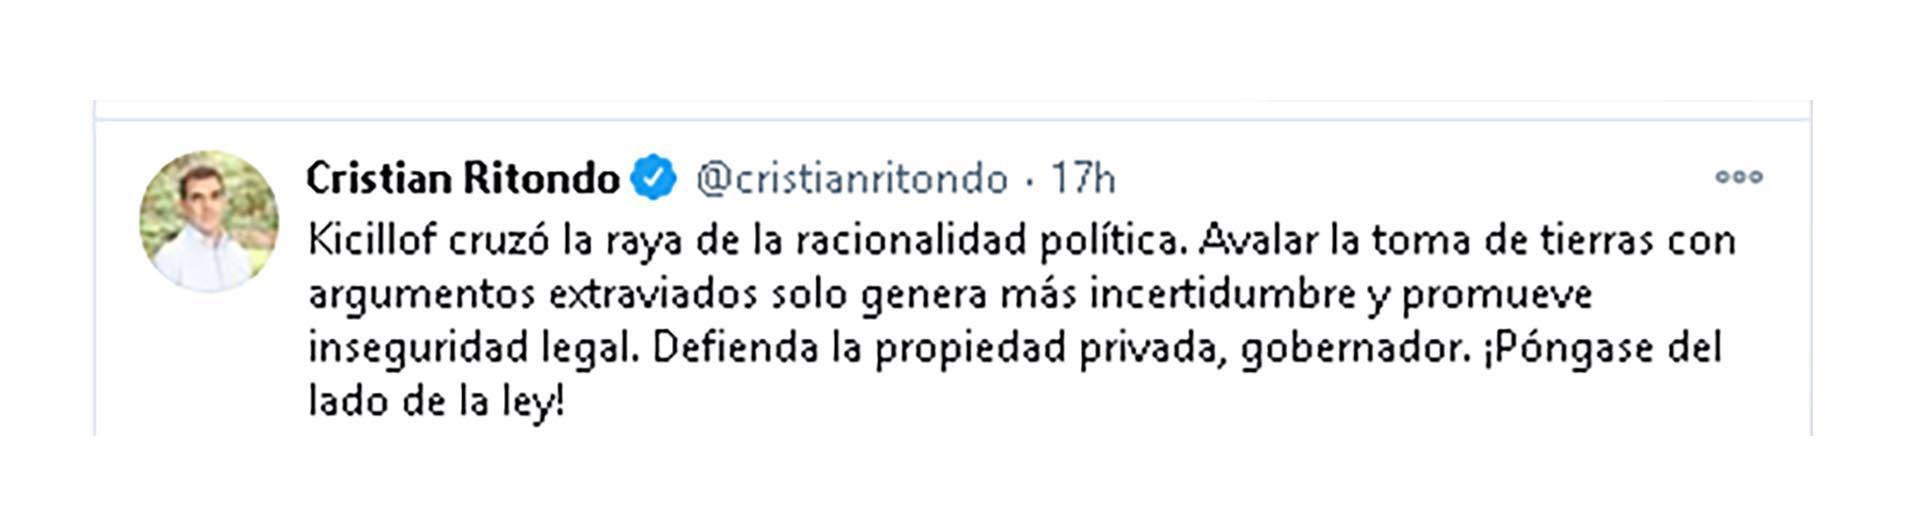 Desde su cuenta de Twitter el Diputado Nacional por la Provincia de Buenos Aires y Presidente del bloque PRO instó al Gobernador Bonaerense a ponerse del lado de ley.